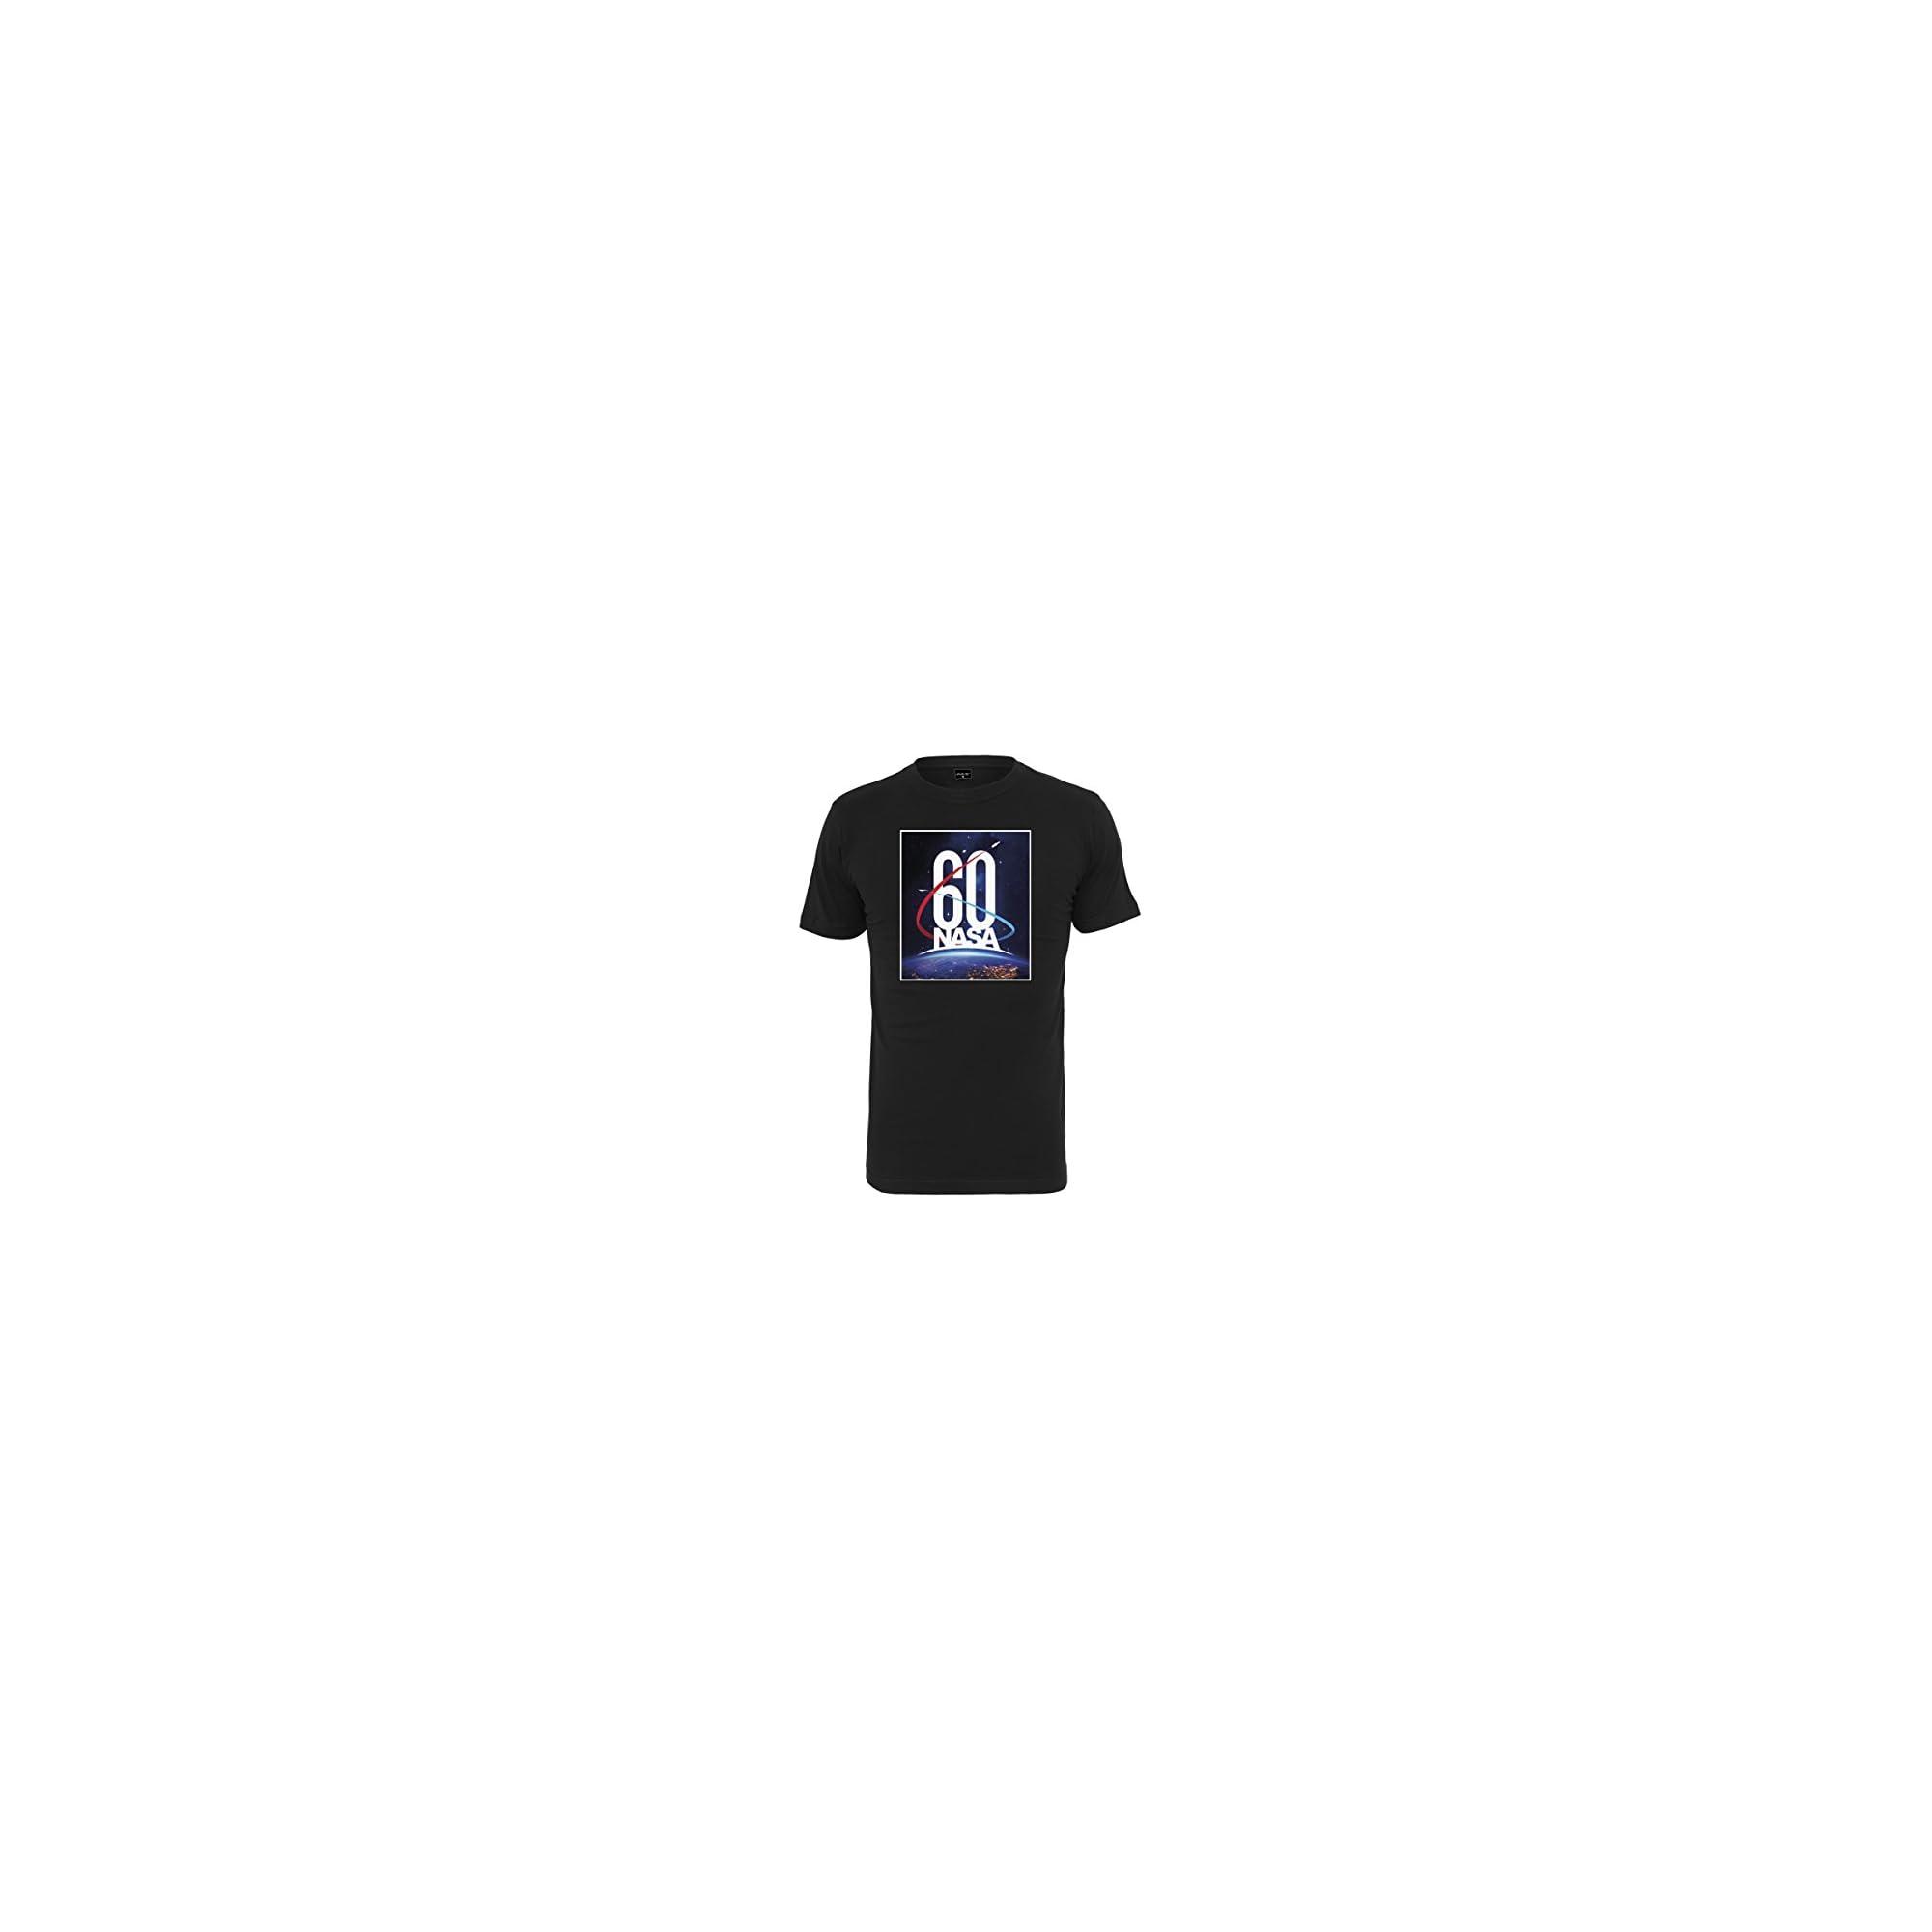 Camisetas más vendidas